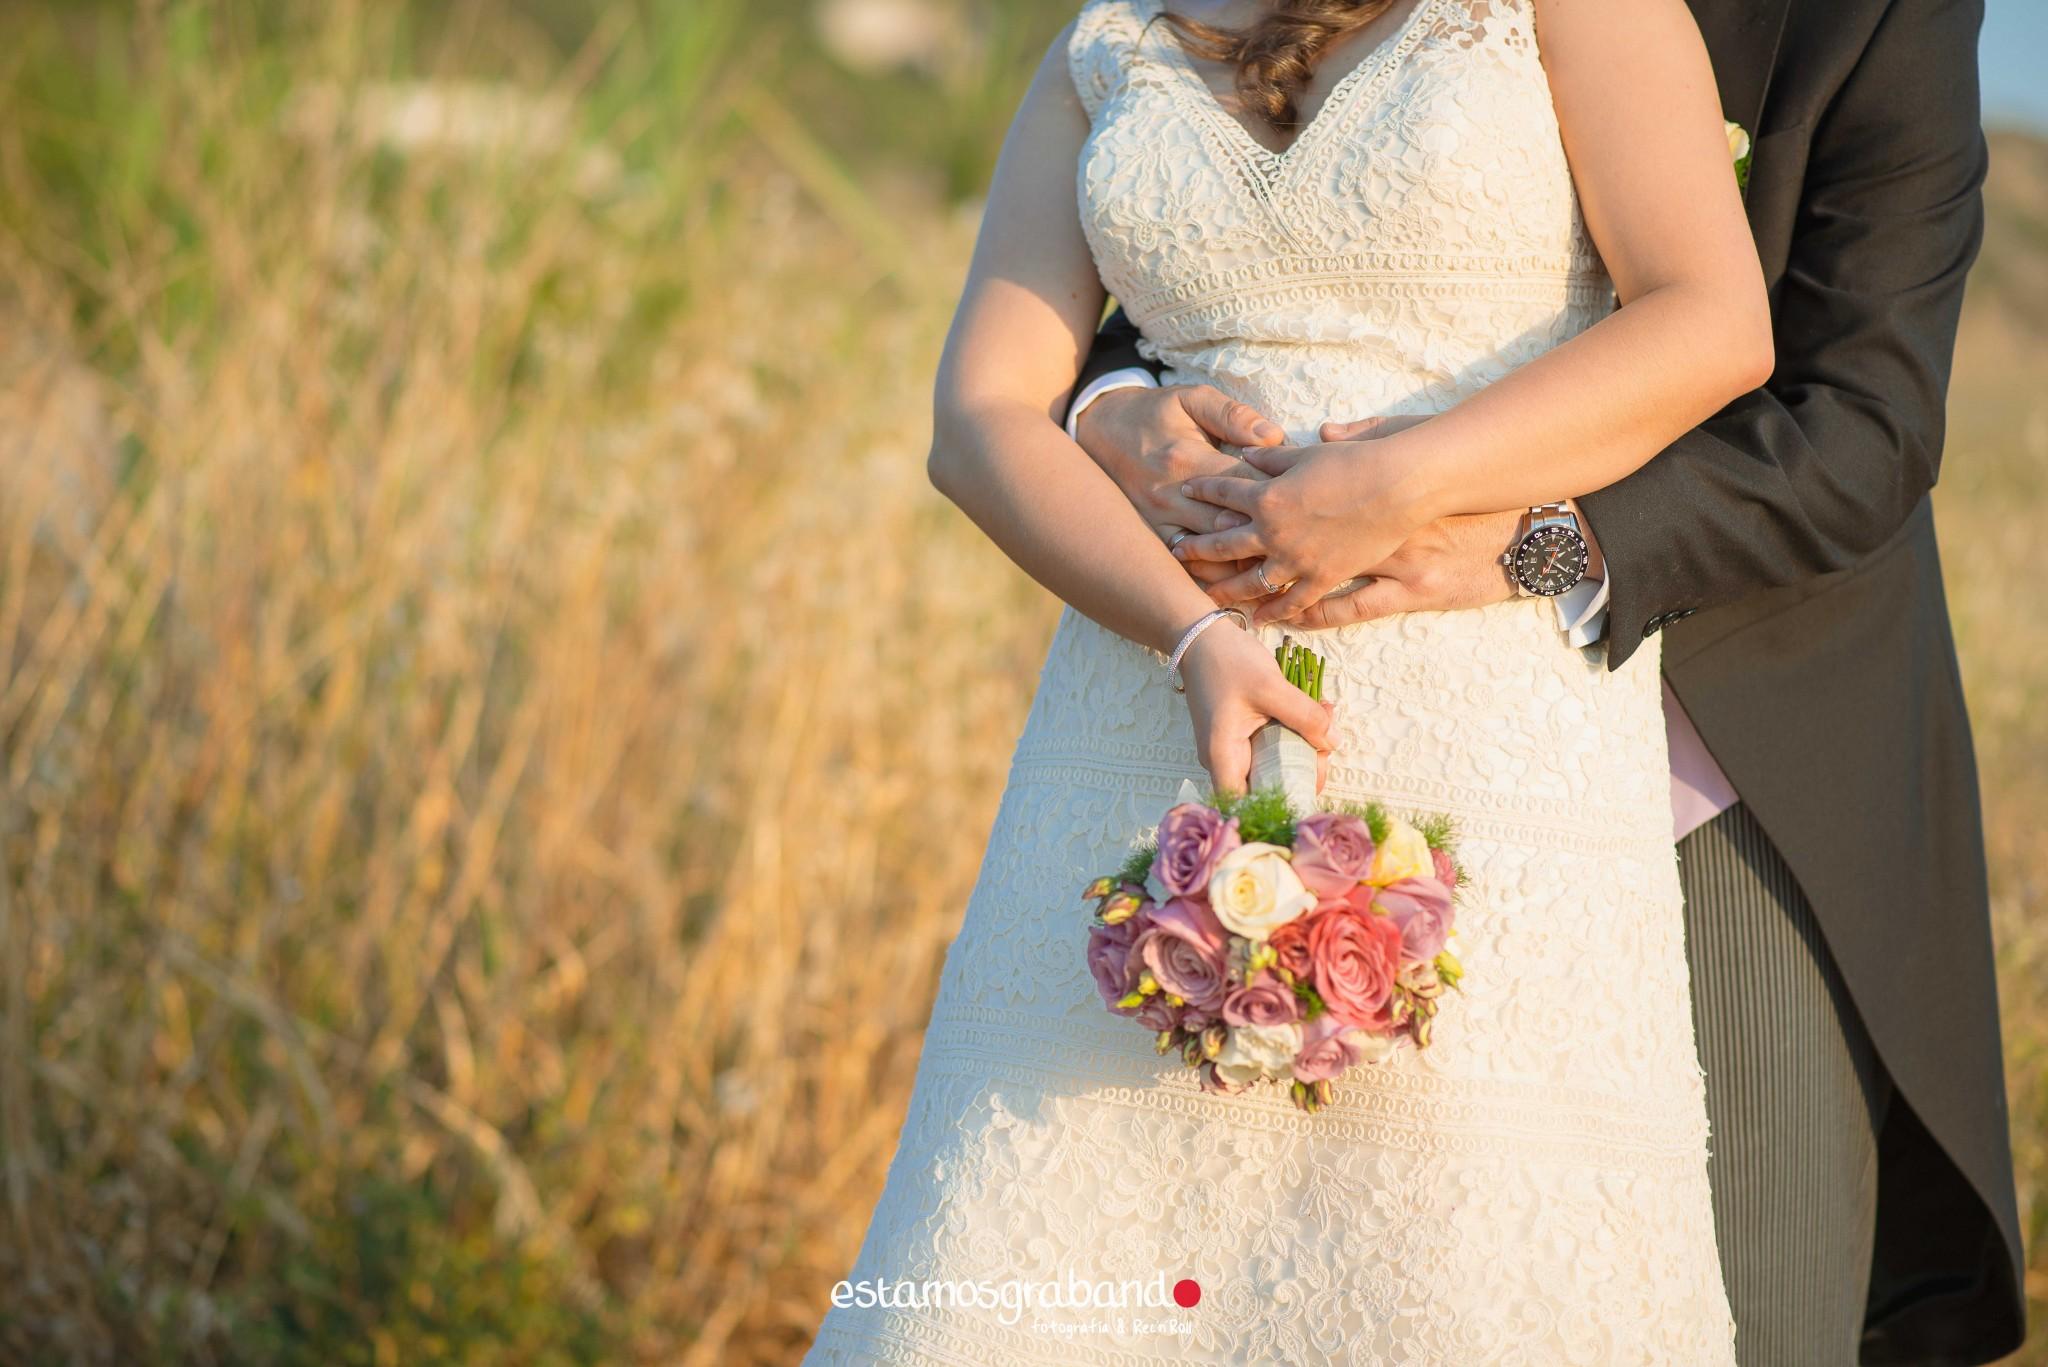 boda-en-chiclana_sonia-y-diego_fotograficc81a-de-boda-56 Zahara Sonia + Diego [Fotografía de Boda en Zahara] - video boda cadiz